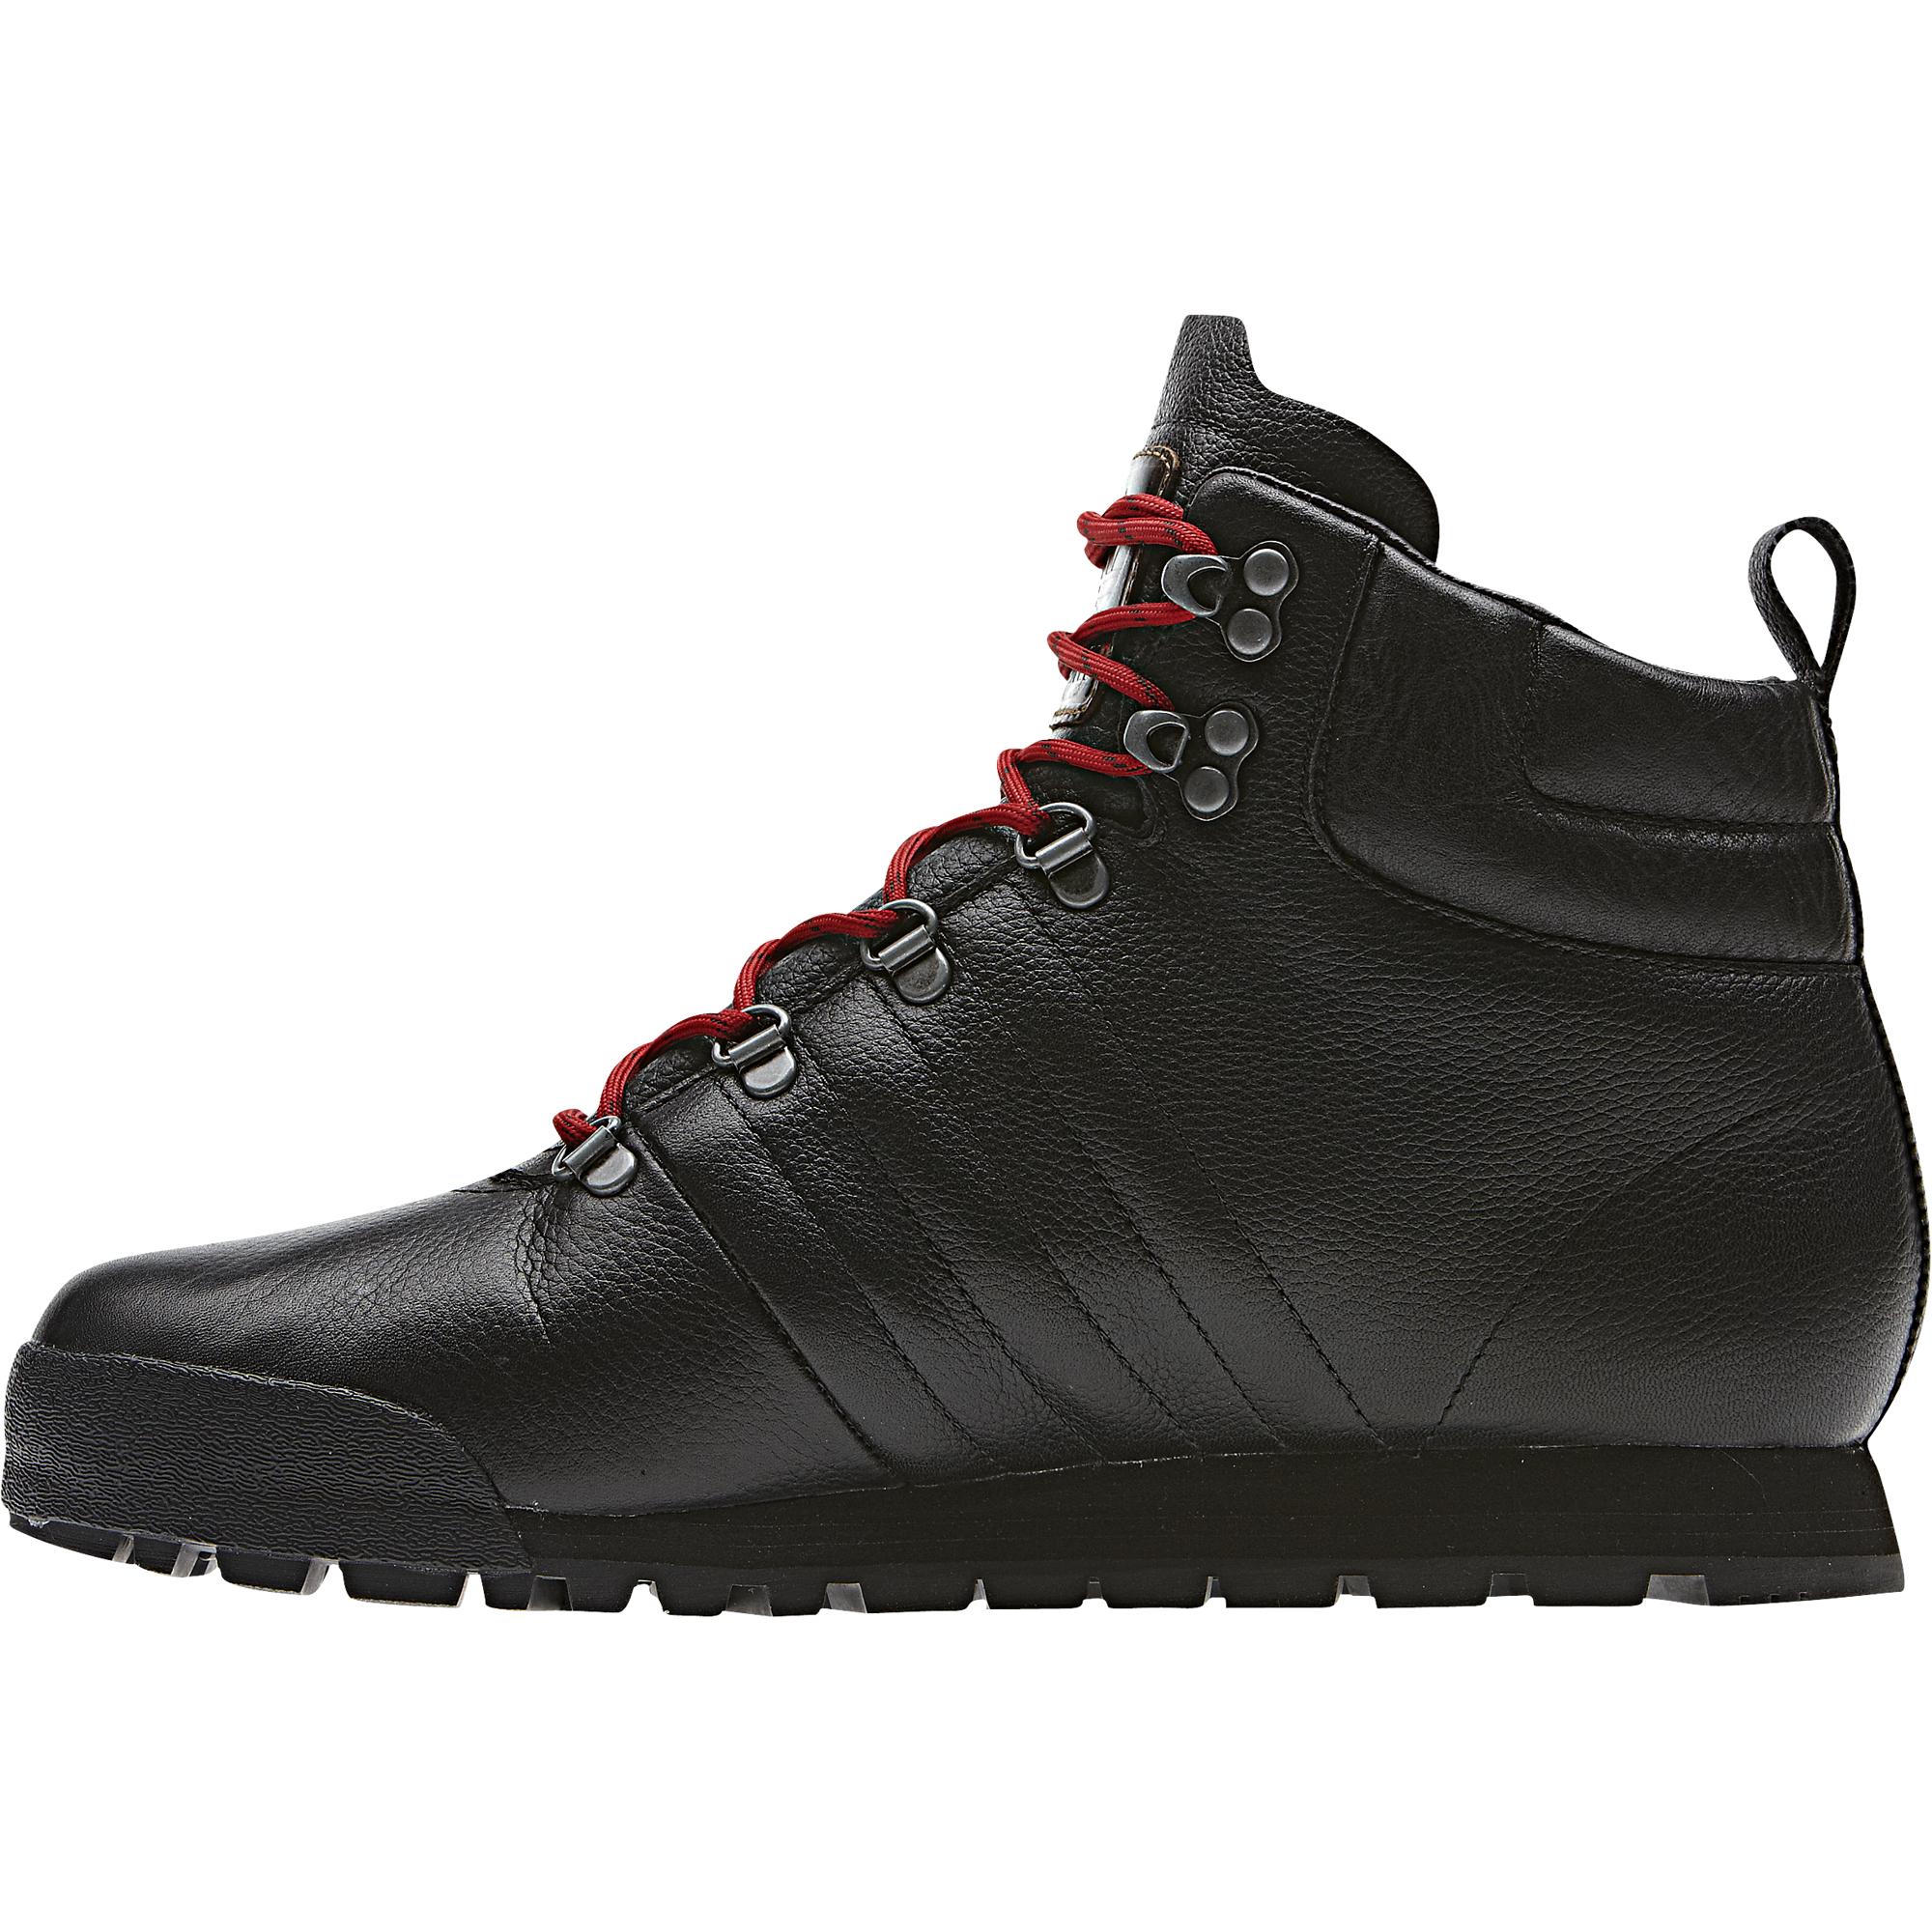 Górskie obuwie adidas Jake Blauvelt Boot 2.0 BY4110